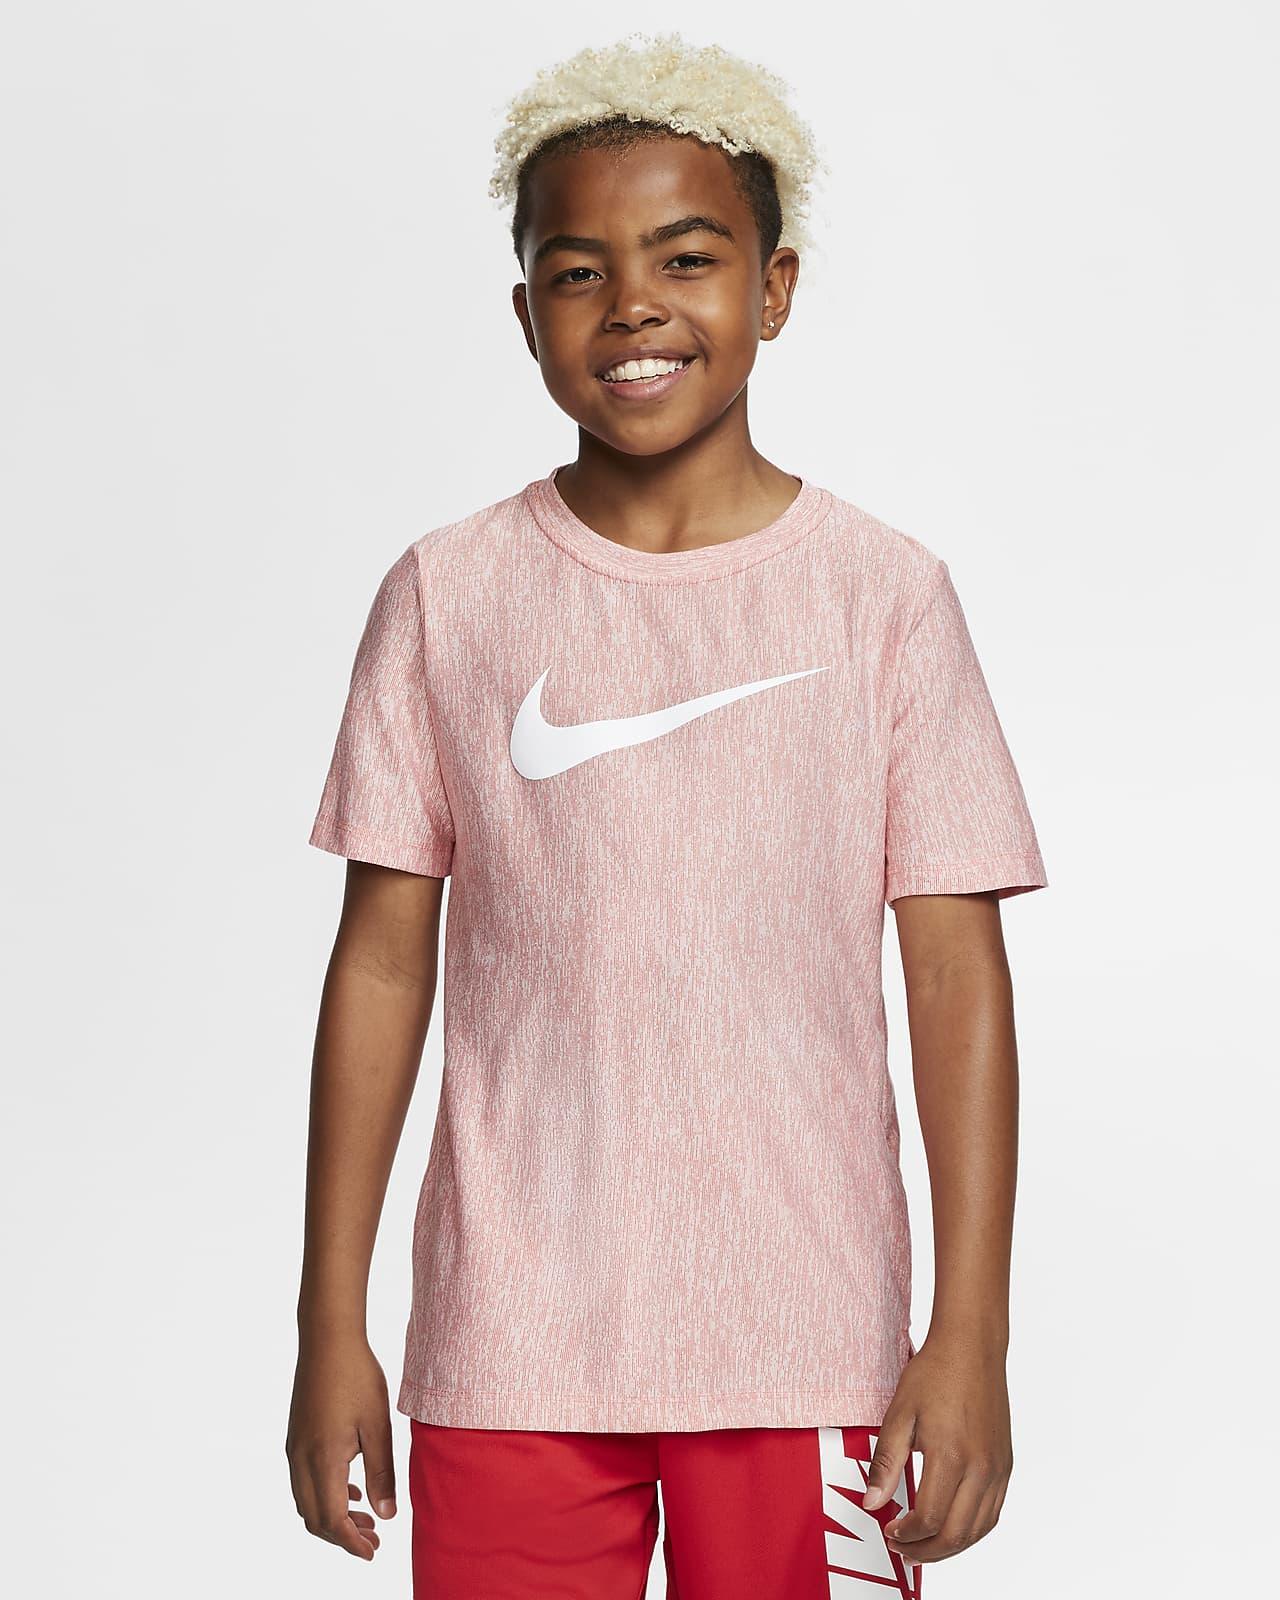 Nike Dri-FIT Trainingstop met korte mouwen voor jongens